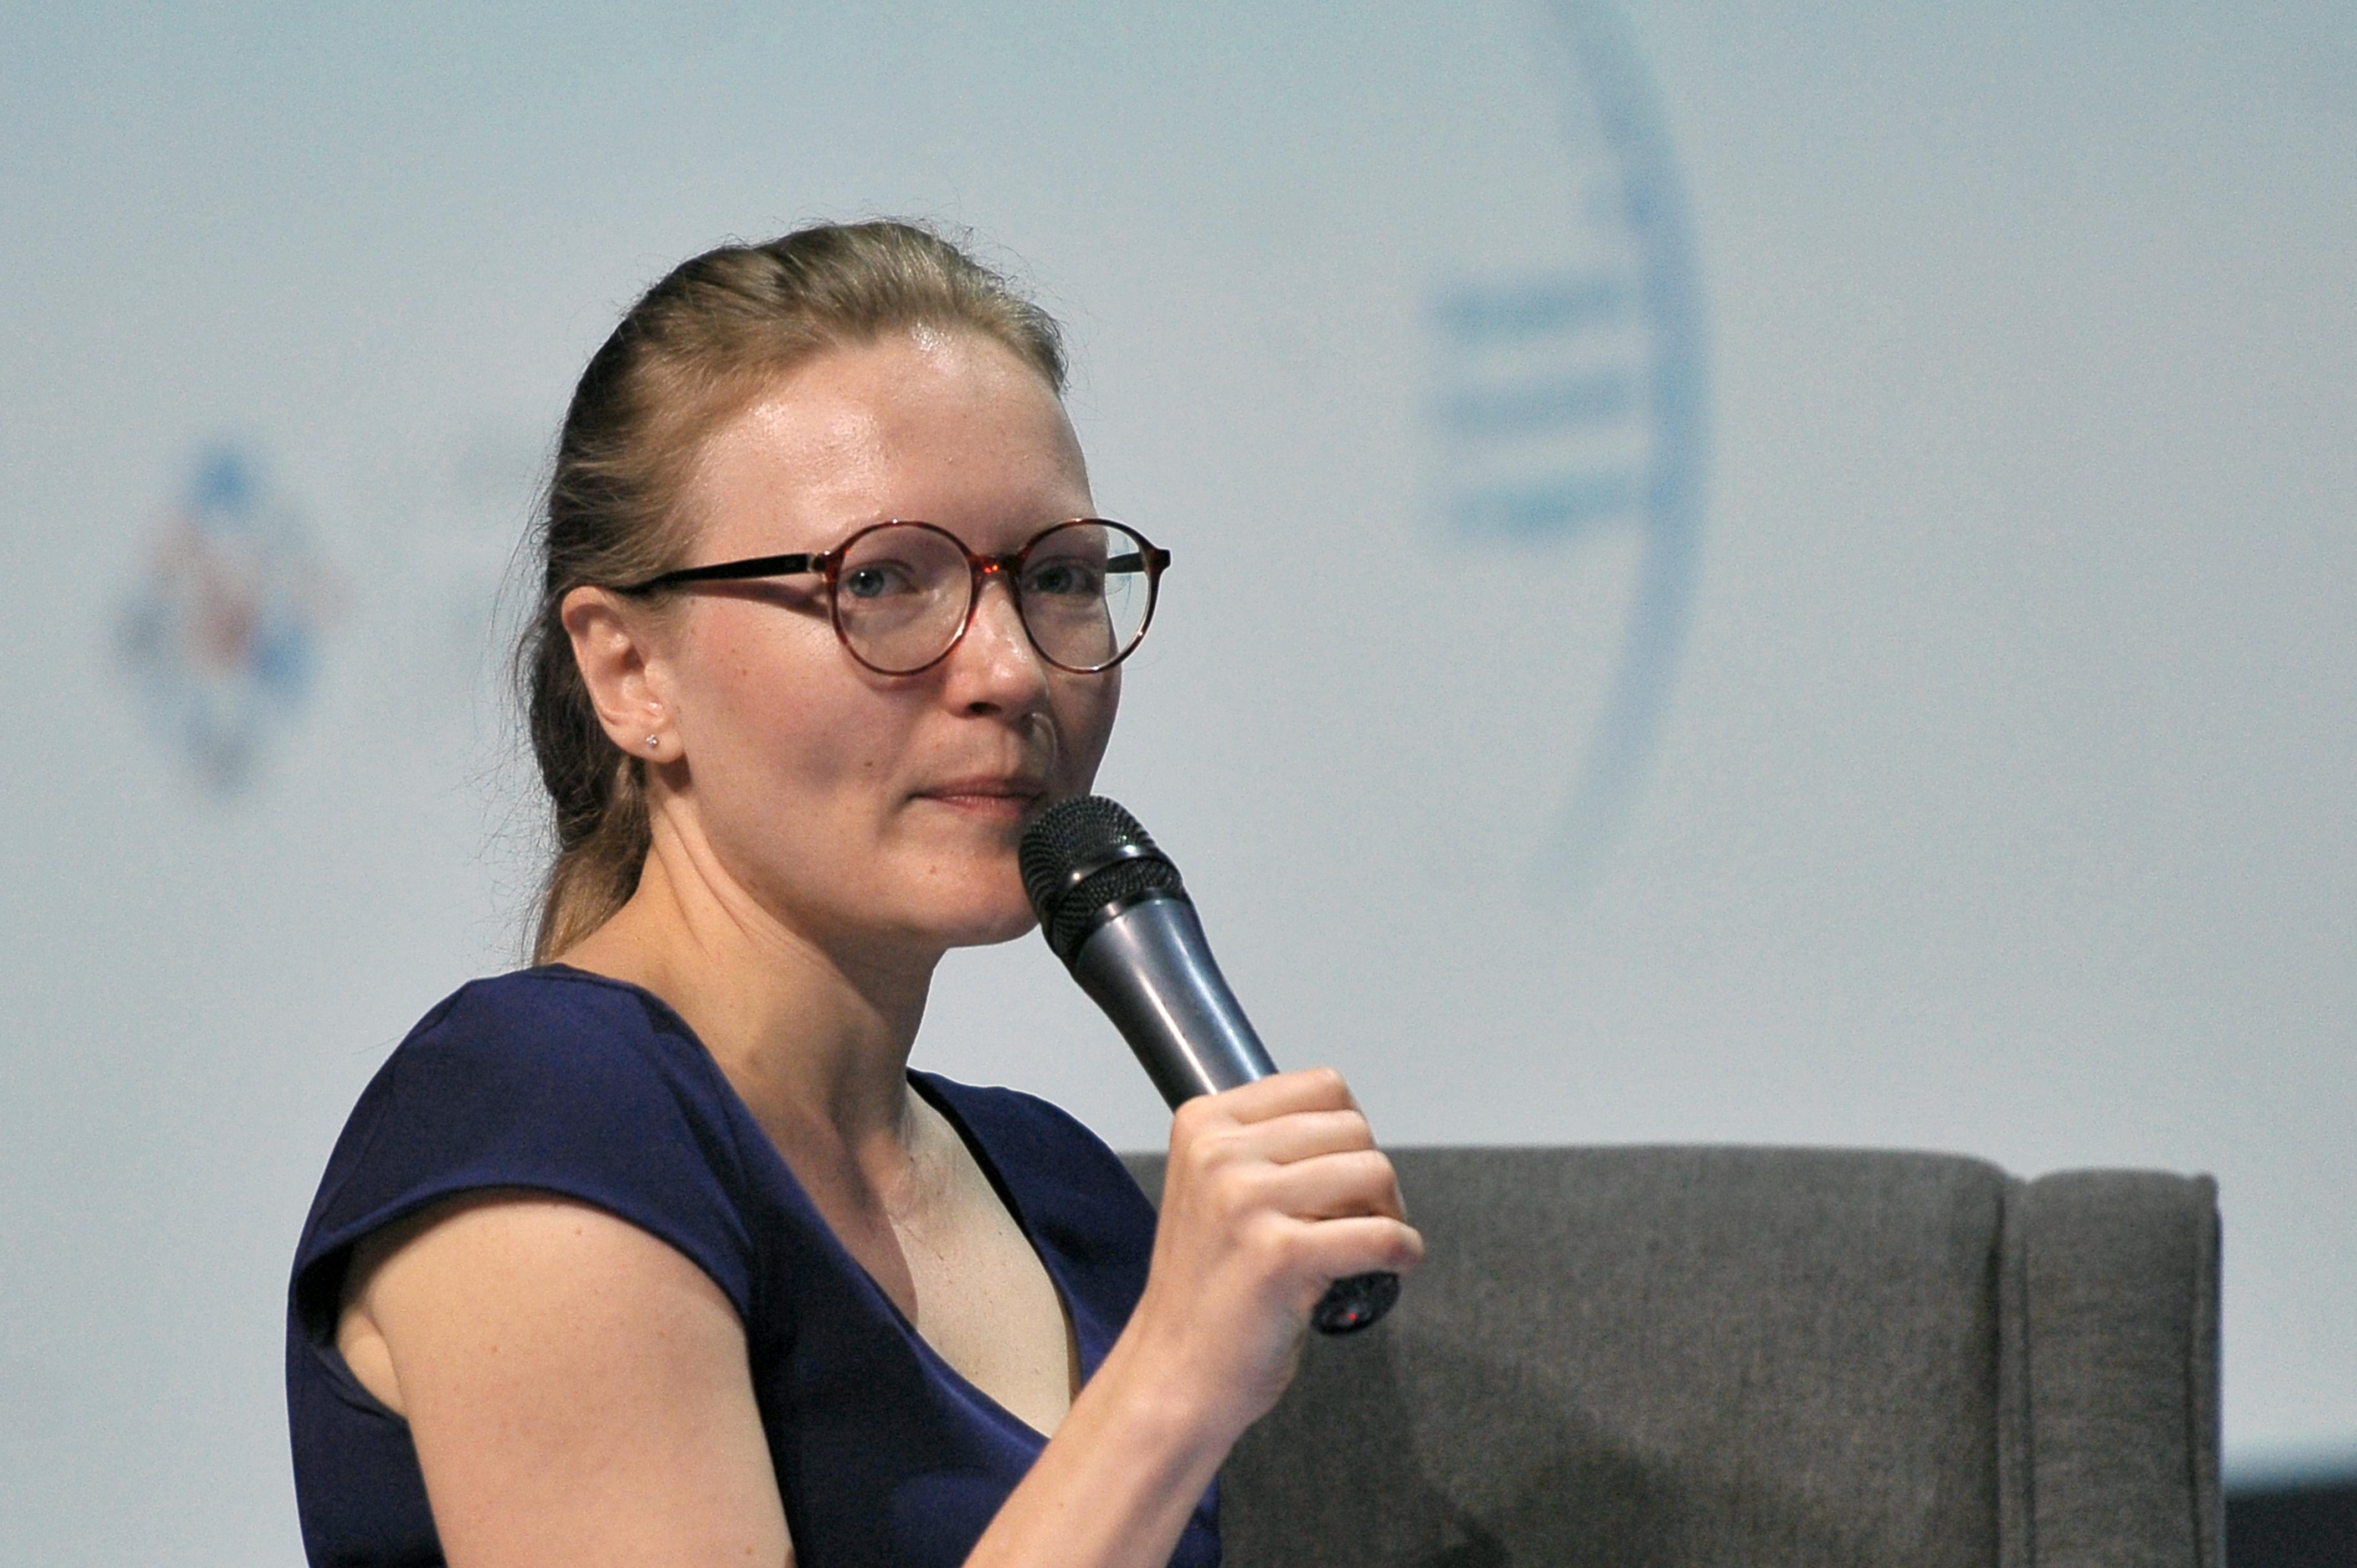 Debate poprowadziła Aleksandra Sobczak, szefowa działu gospodarka w Gazecie Wyborczej.